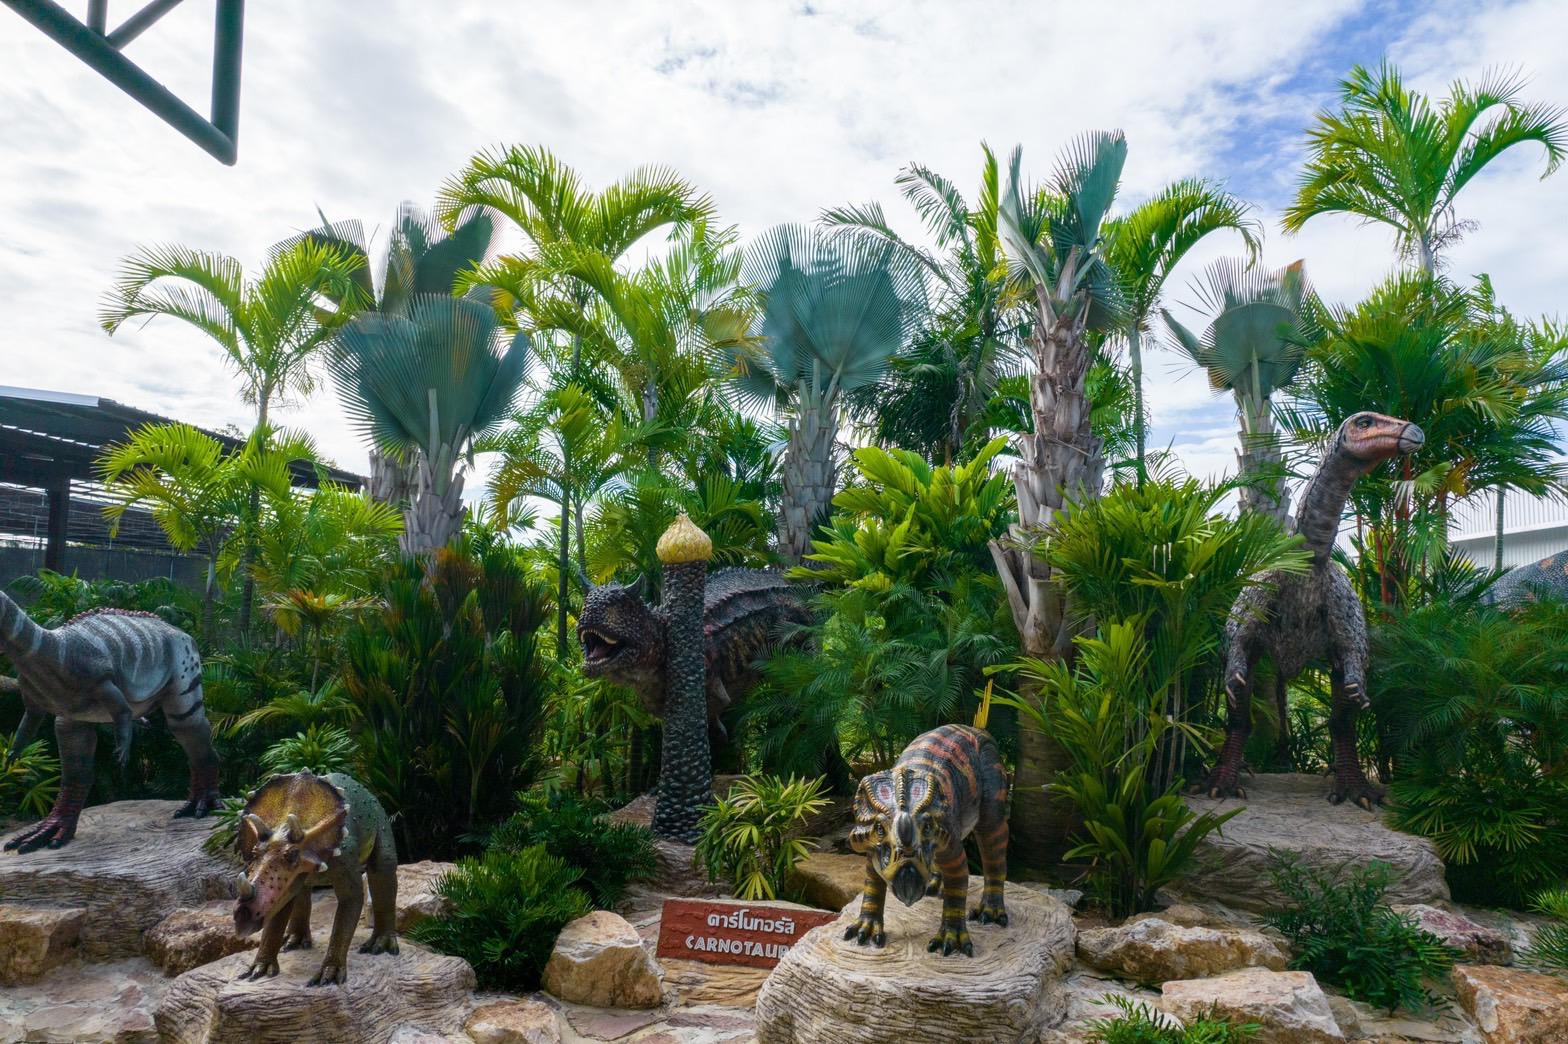 """สวนนงนุชพัทยา ต้อนรับเอกอัครราชทูตคิวบา เยี่ยมชม """"ปาล์มที่สวยที่สุดในโลก"""" และใกล้สูญพันธุ์"""